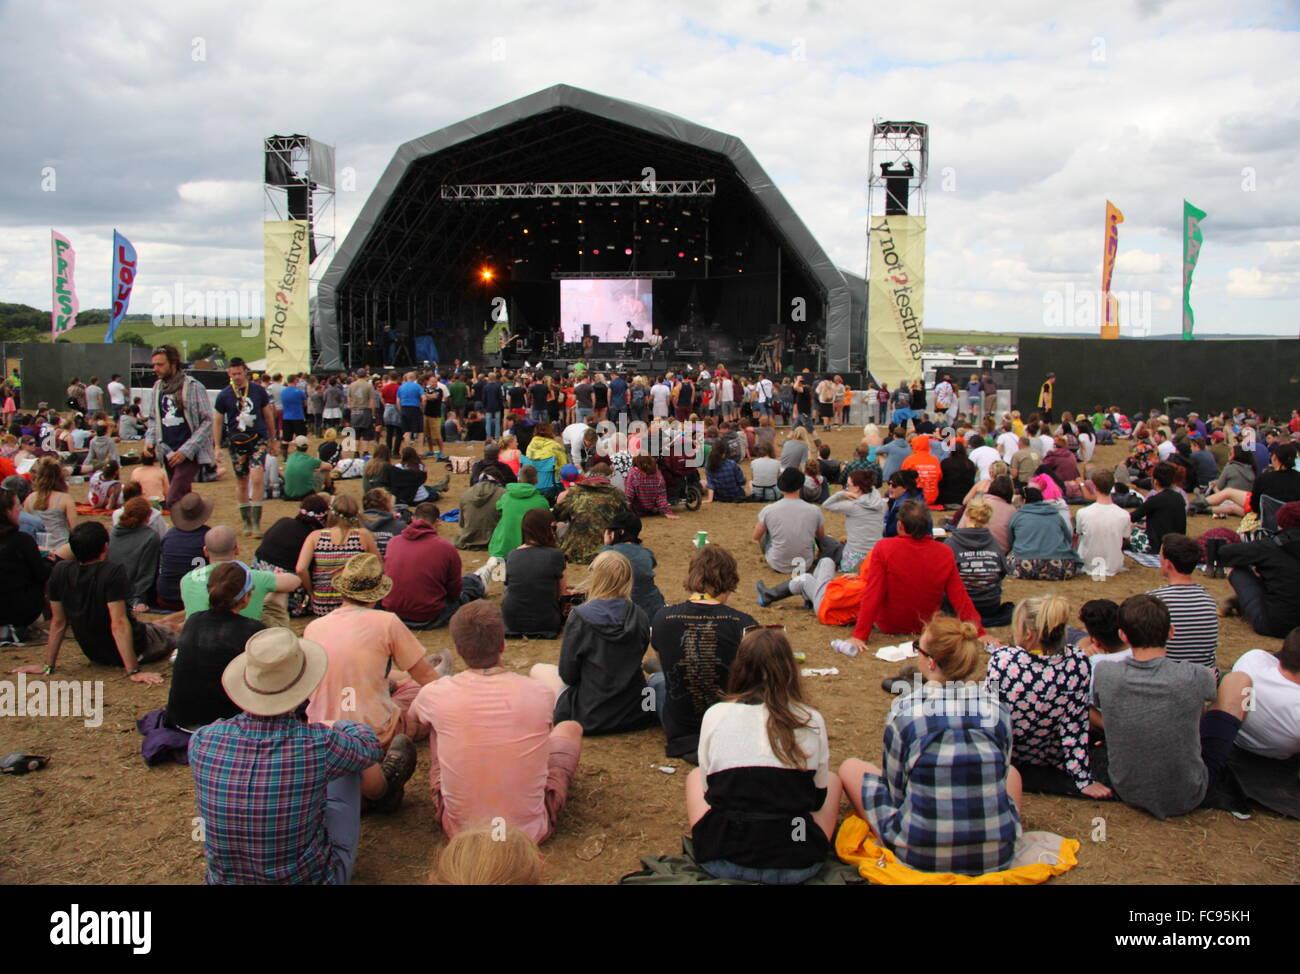 Los asistentes al festival se reúnen alrededor del escenario principal en el festival de música y no de Imagen De Stock